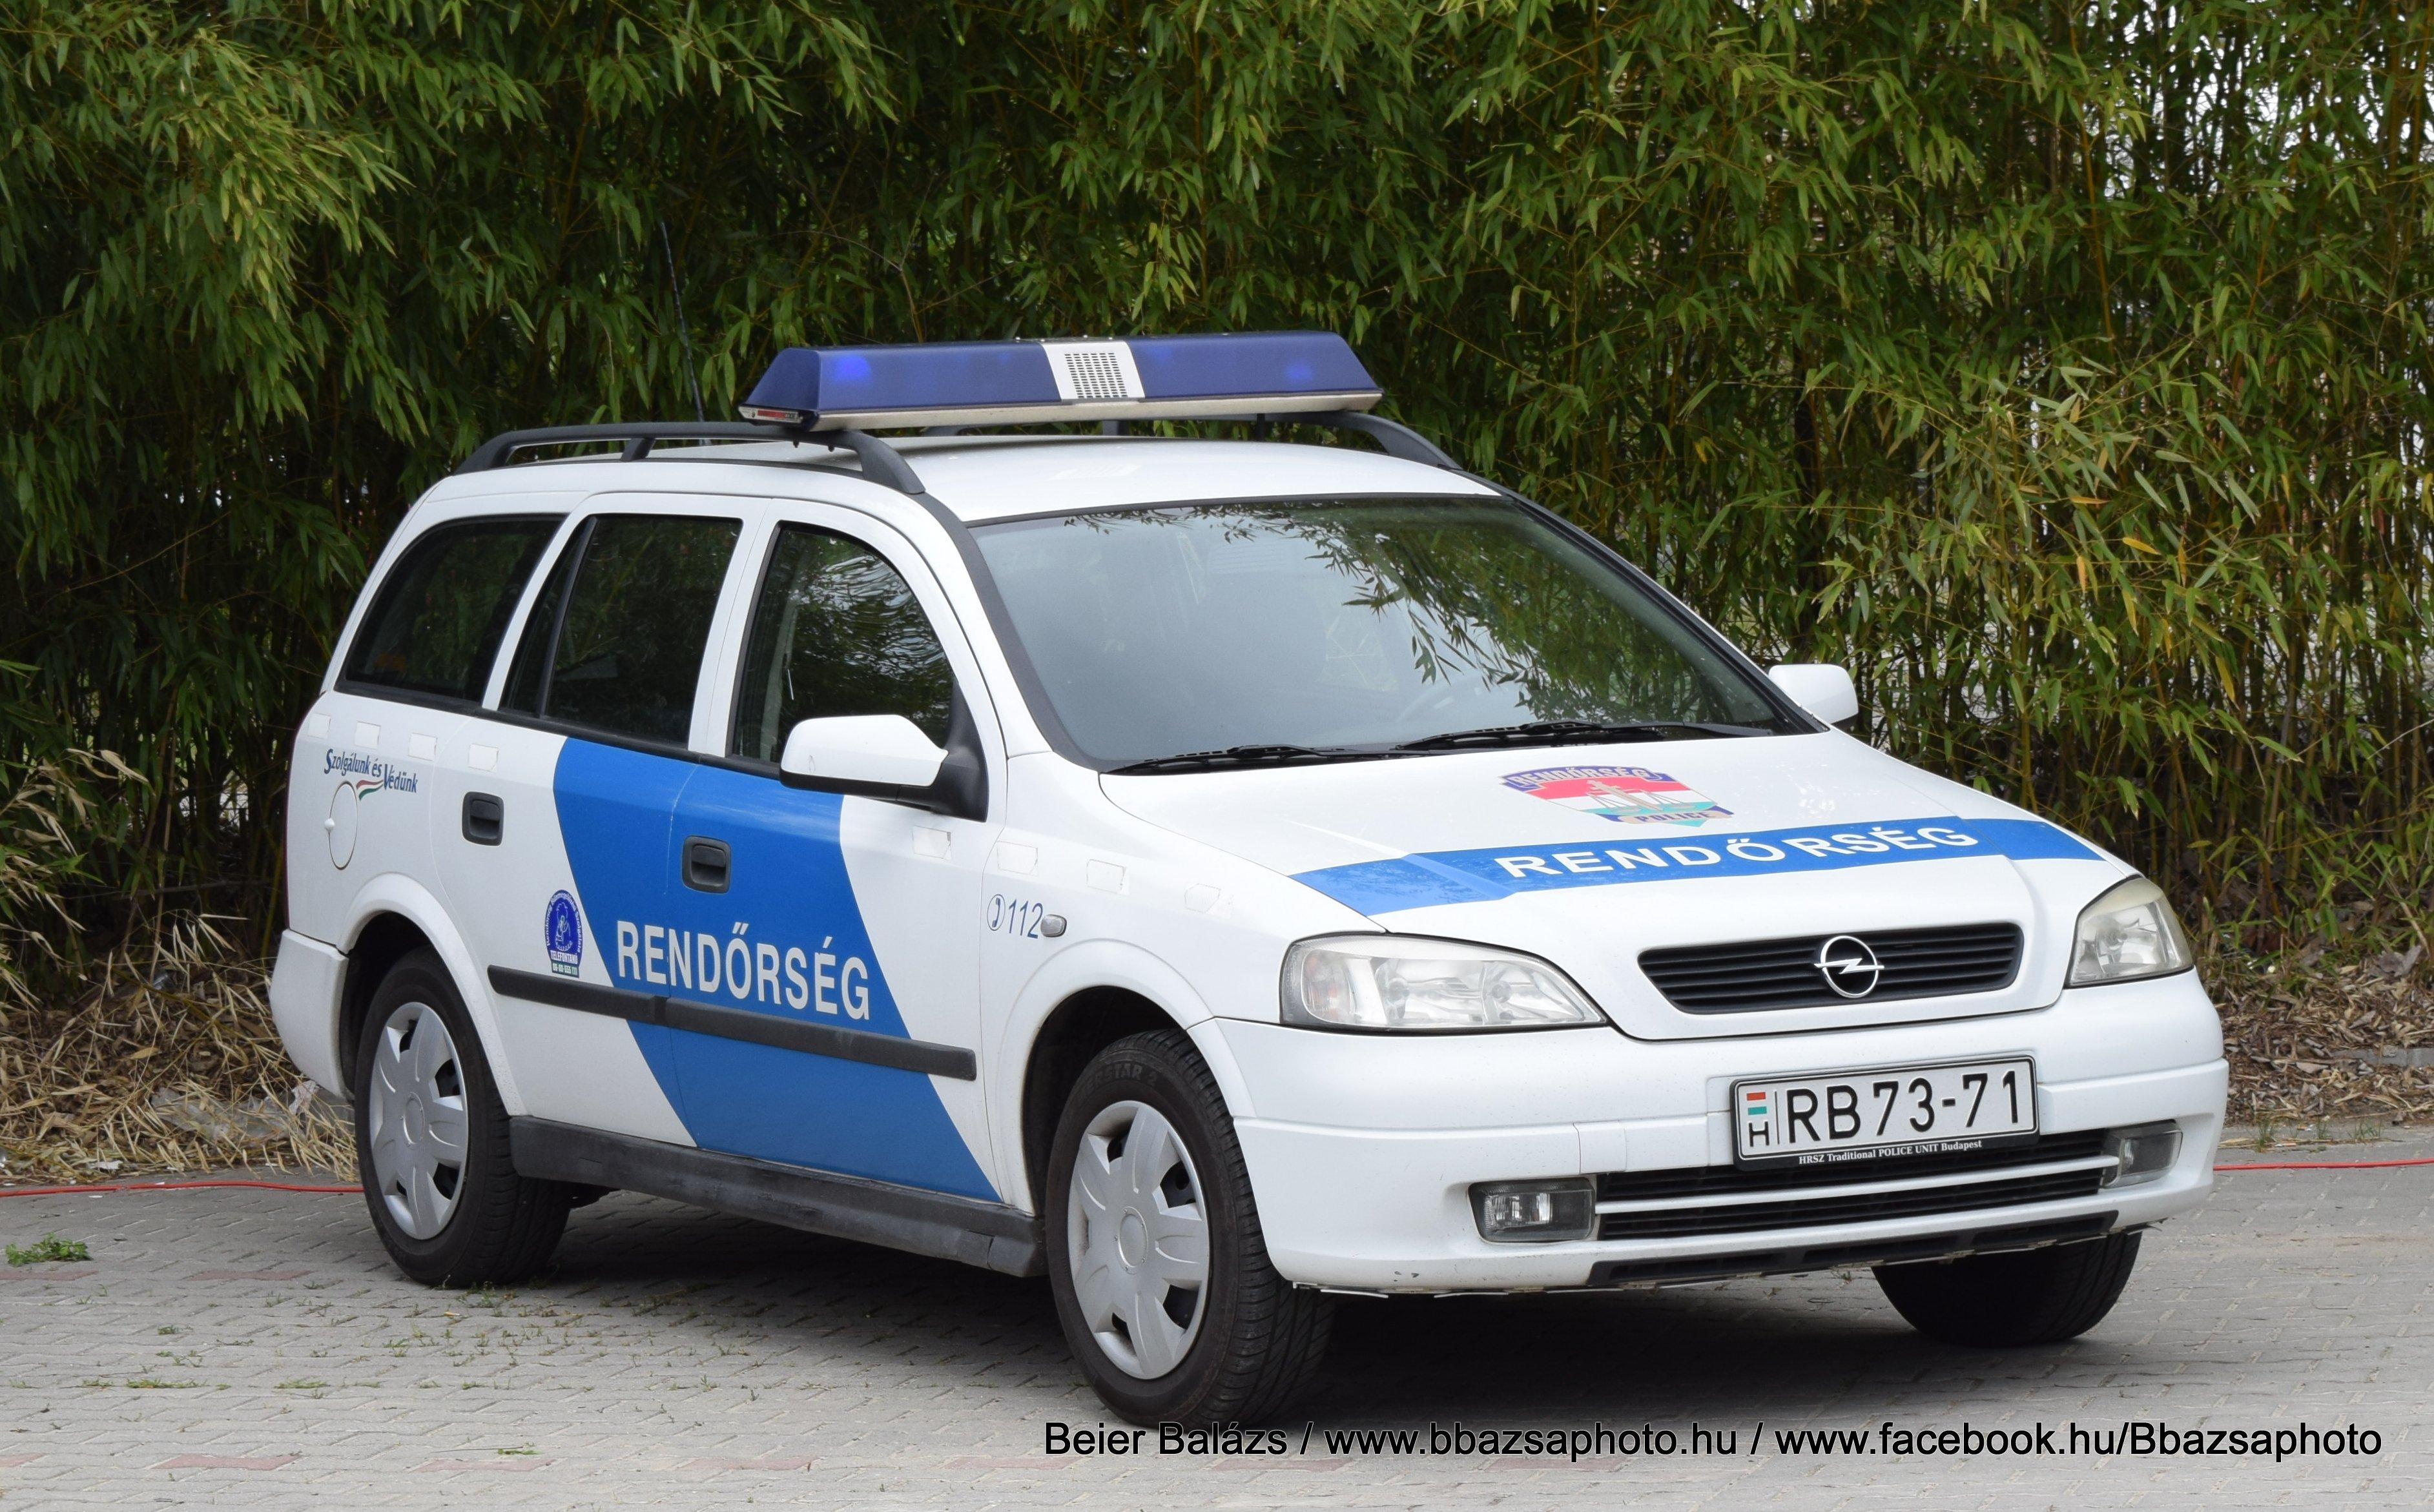 Opel Astra G kombi kék sávos